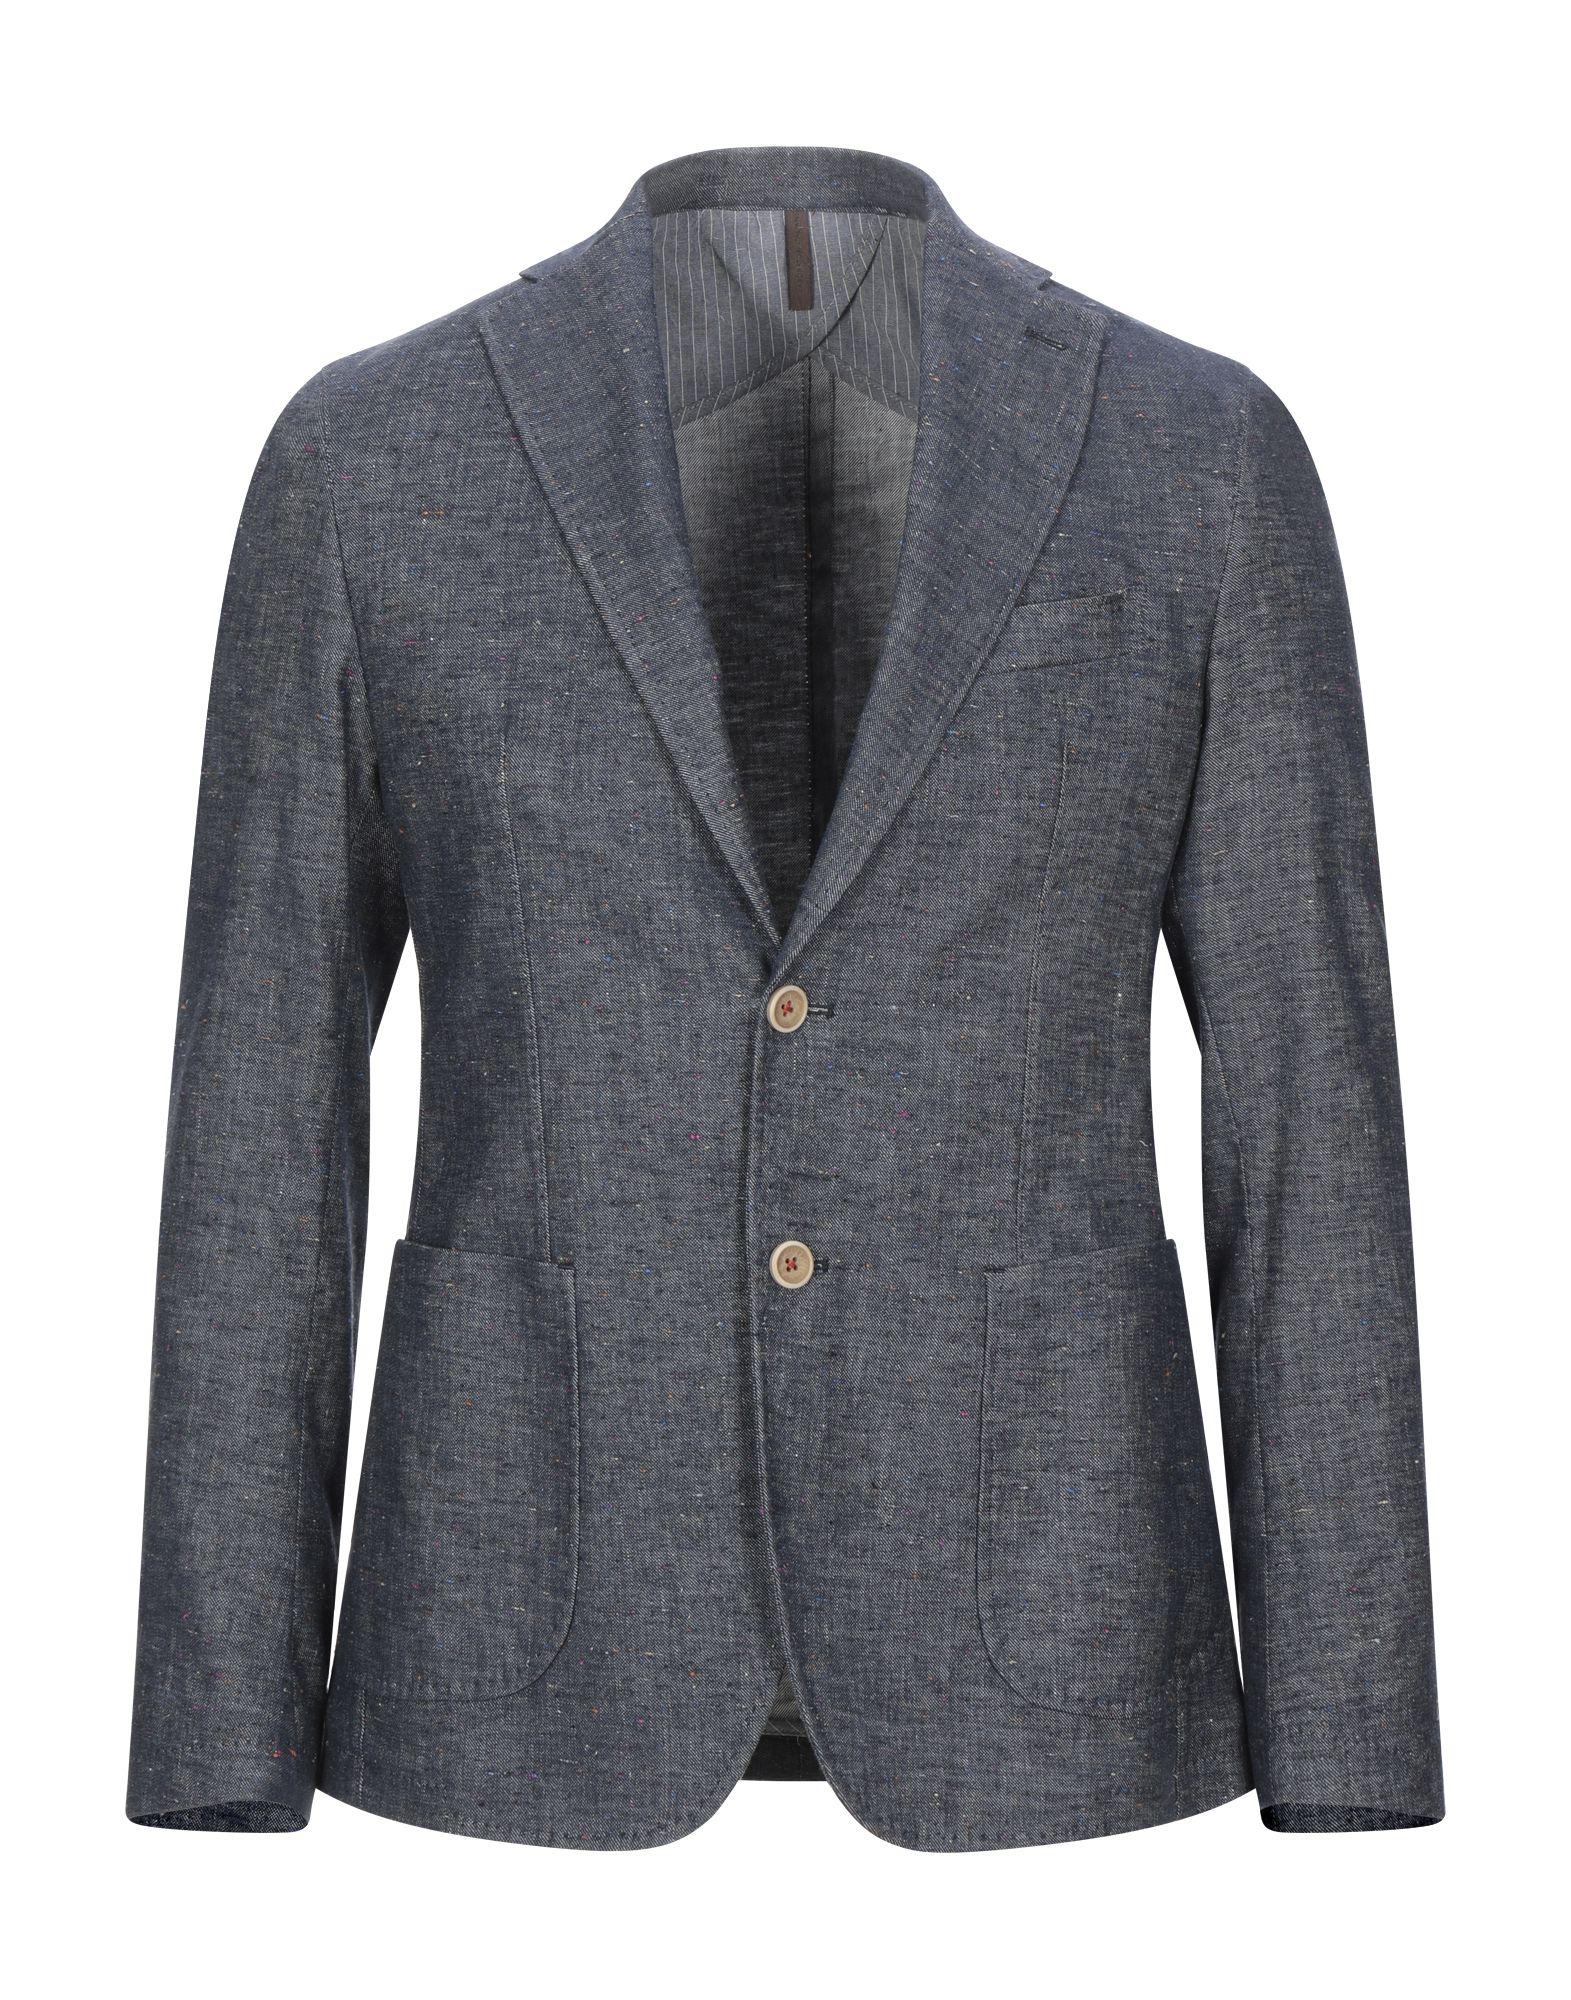 《セール開催中》LABORATORI ITALIANI メンズ テーラードジャケット ブルー 48 麻 53% / コットン 44% / ポリウレタン 2% / シルク 1%